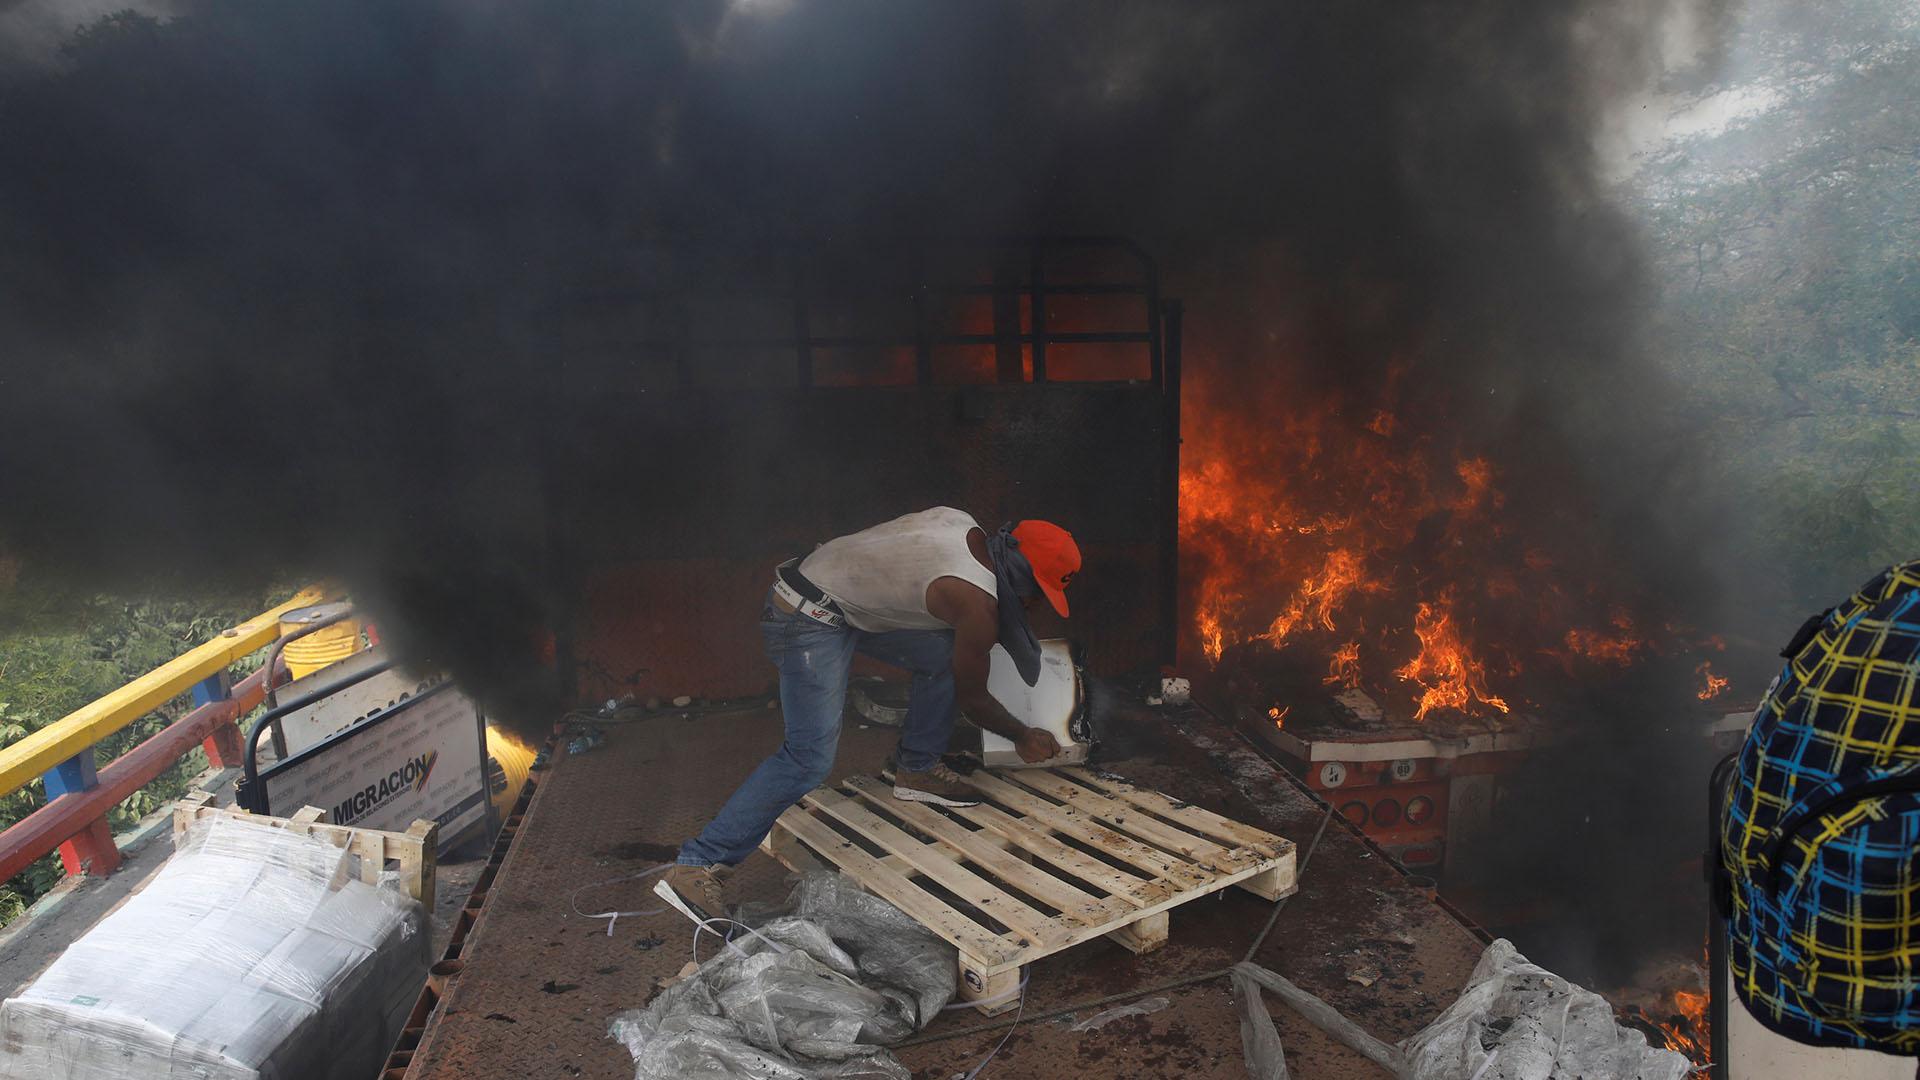 Partidarios de la oposición descargan ayuda humanitaria de un camión que fue incendiado luego de enfrentamientos entre simpatizantes de la oposición y las fuerzas de seguridad de Venezuela en el puente Francisco de Paula Santander en la frontera entre Colombia y Venezuela visto desde Cúcuta (Reuters)